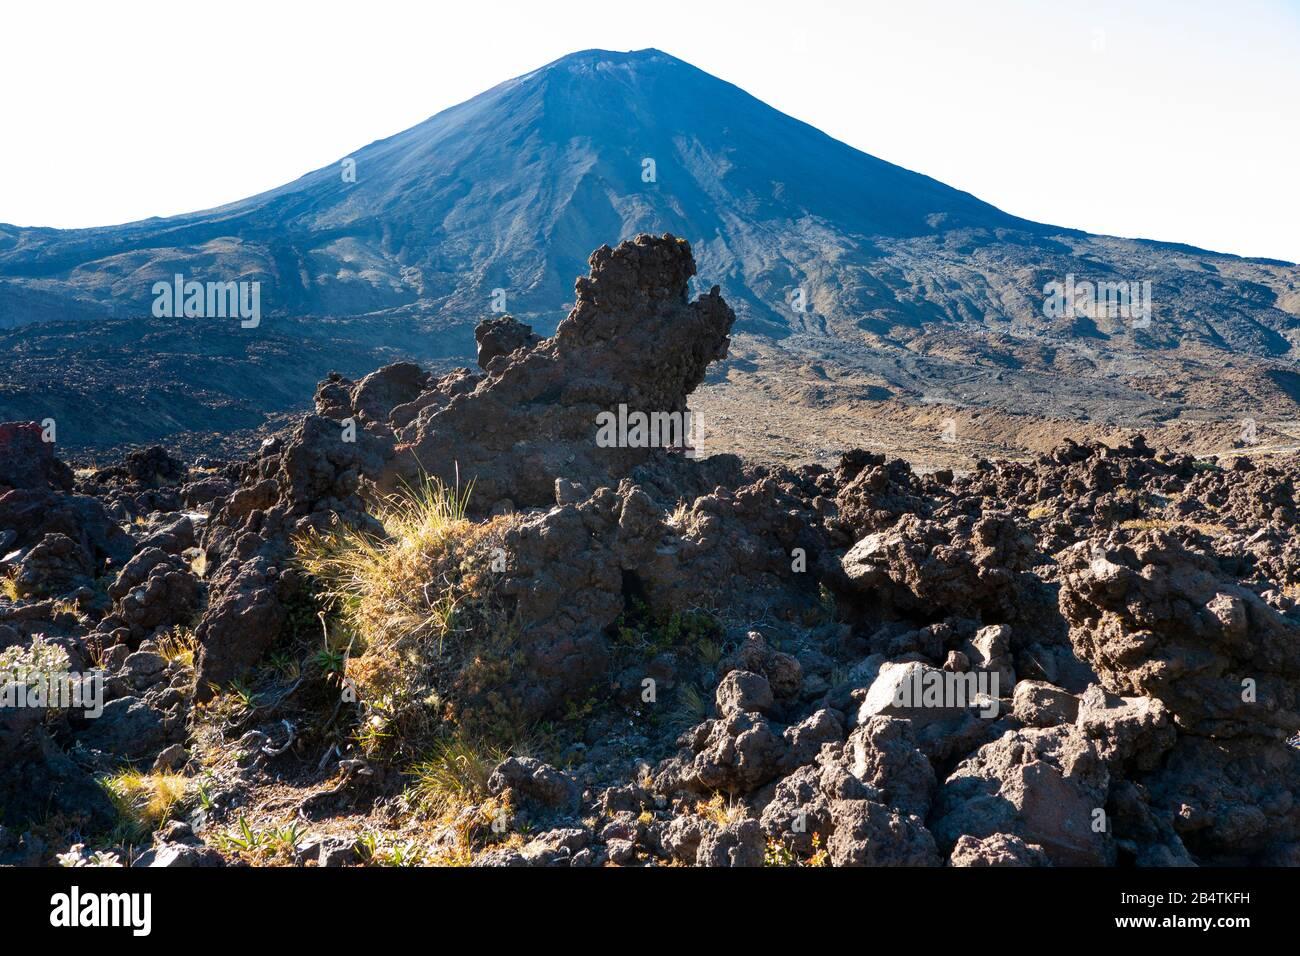 Volcanic rock formations and Mount Ngauruhoe, Tongariro Alpine Crossing, New Zealand Stock Photo